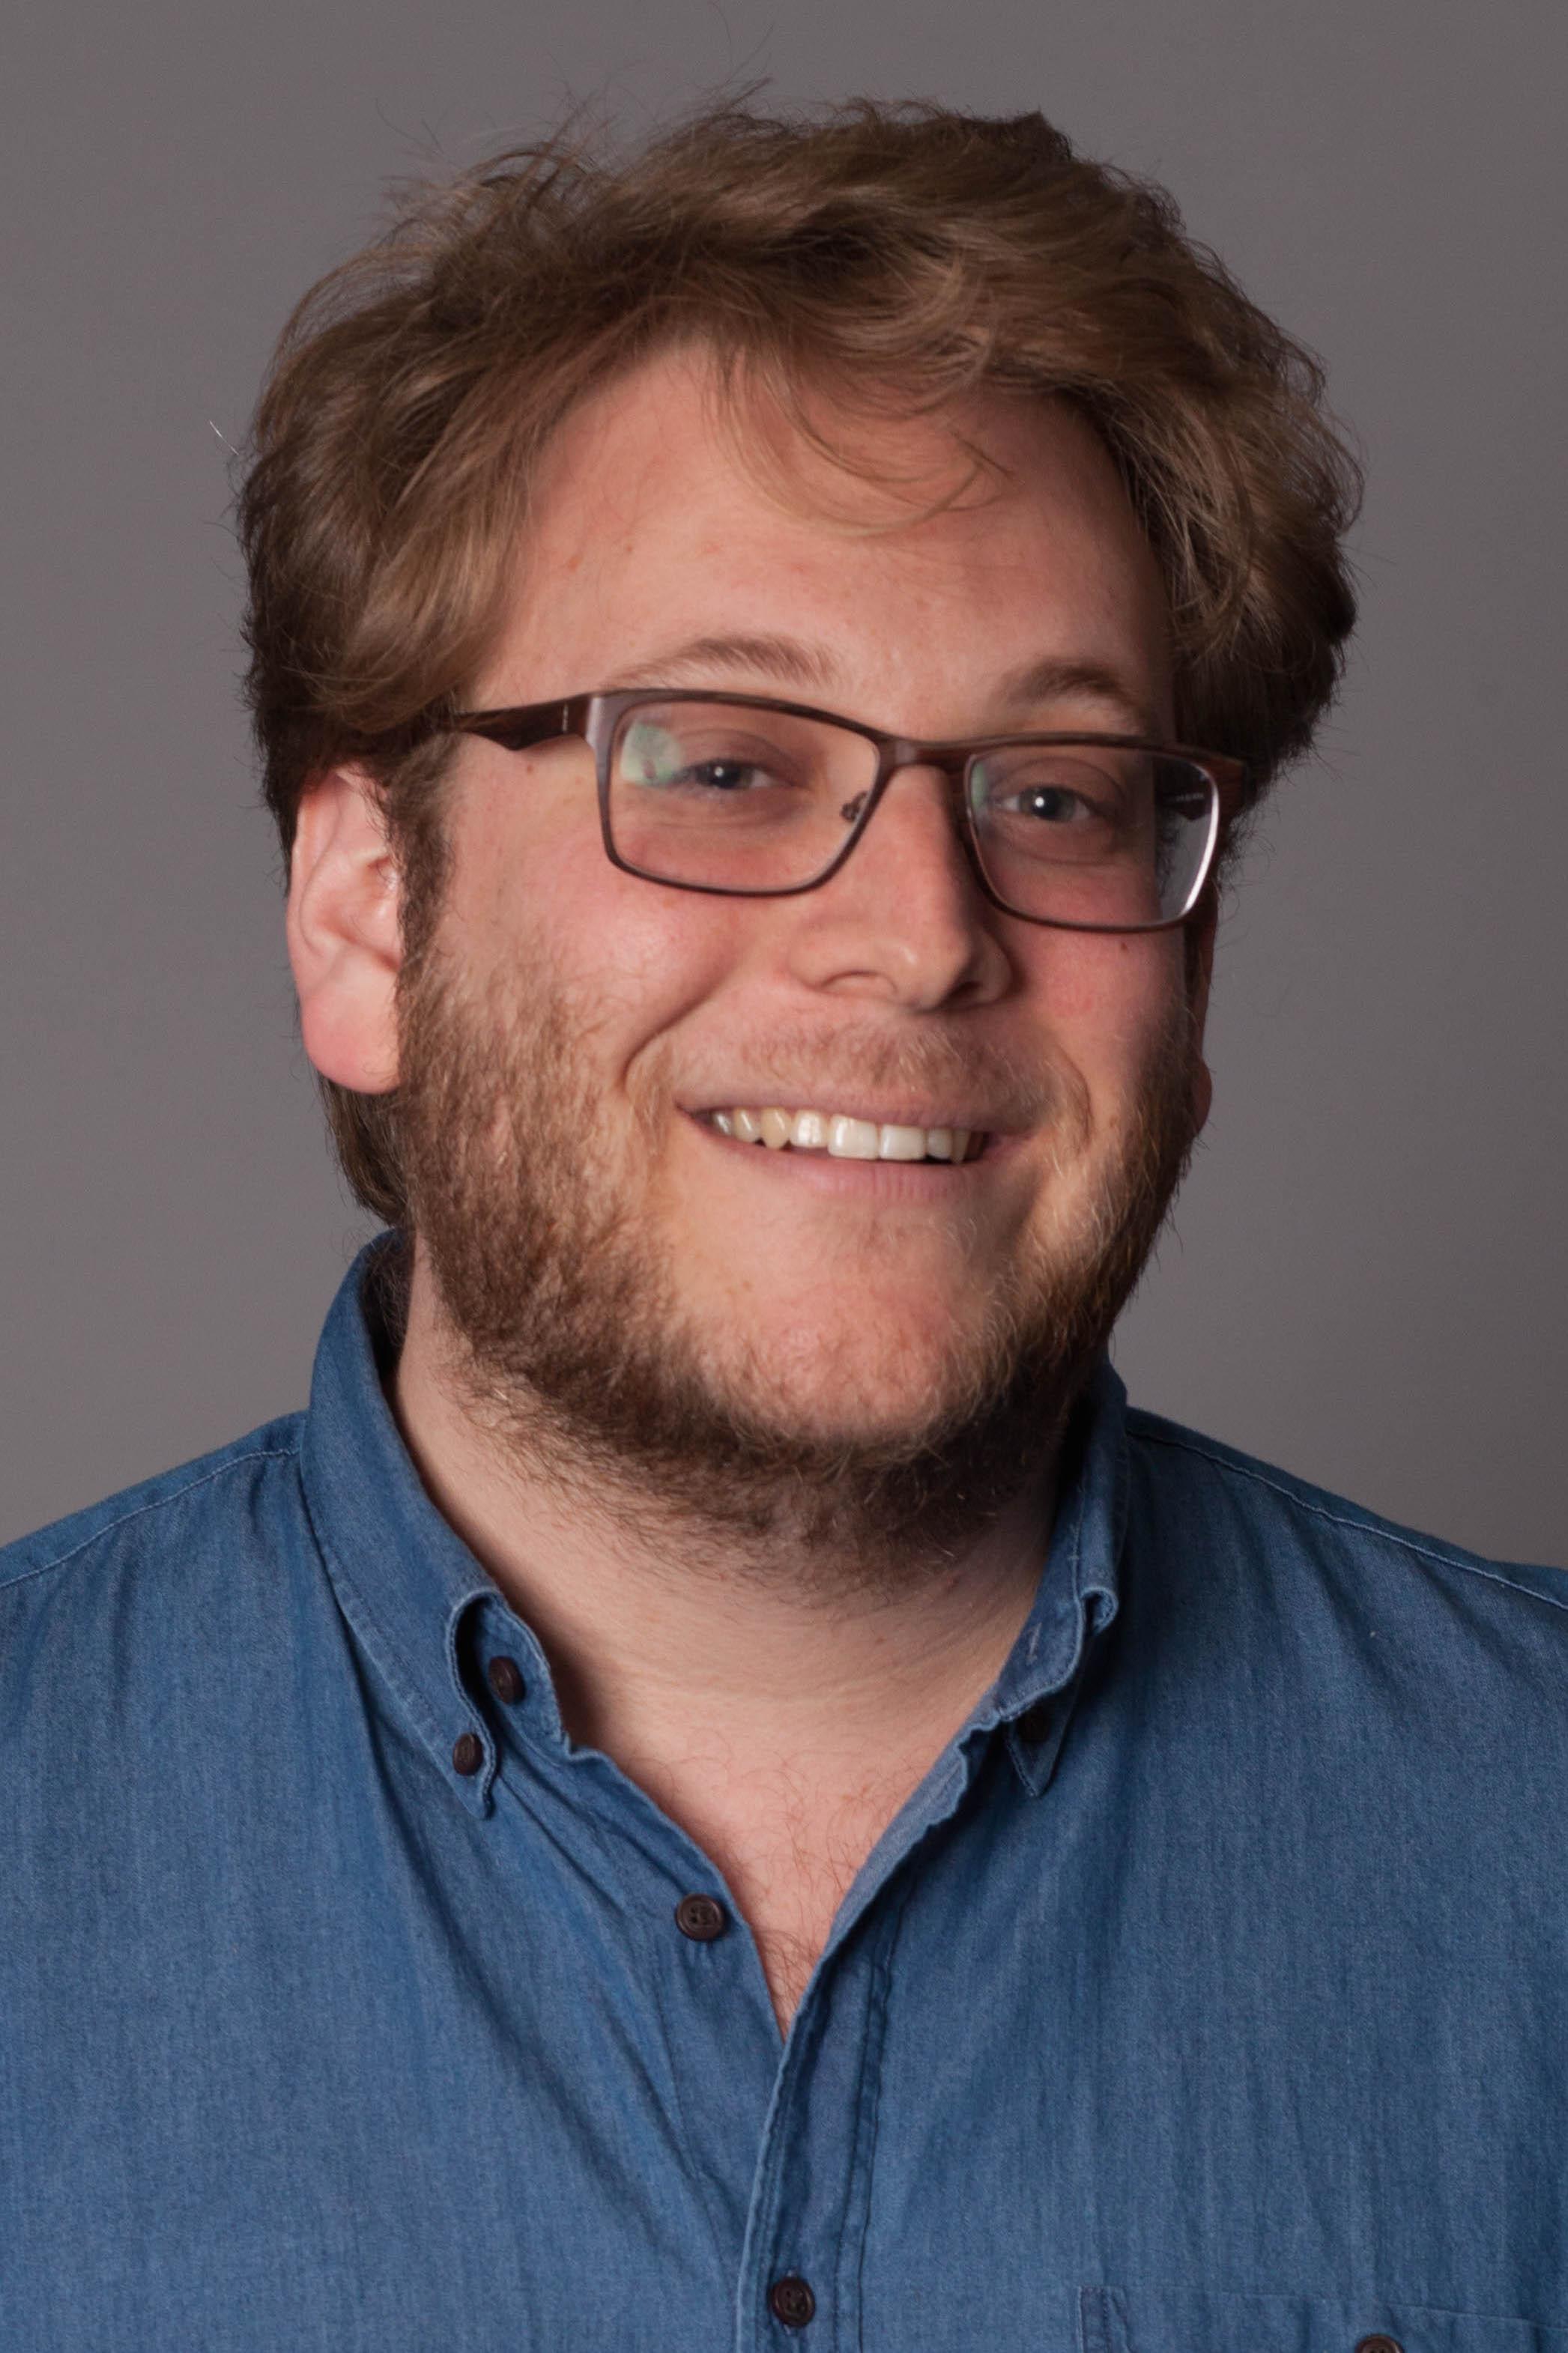 Alex Weiser